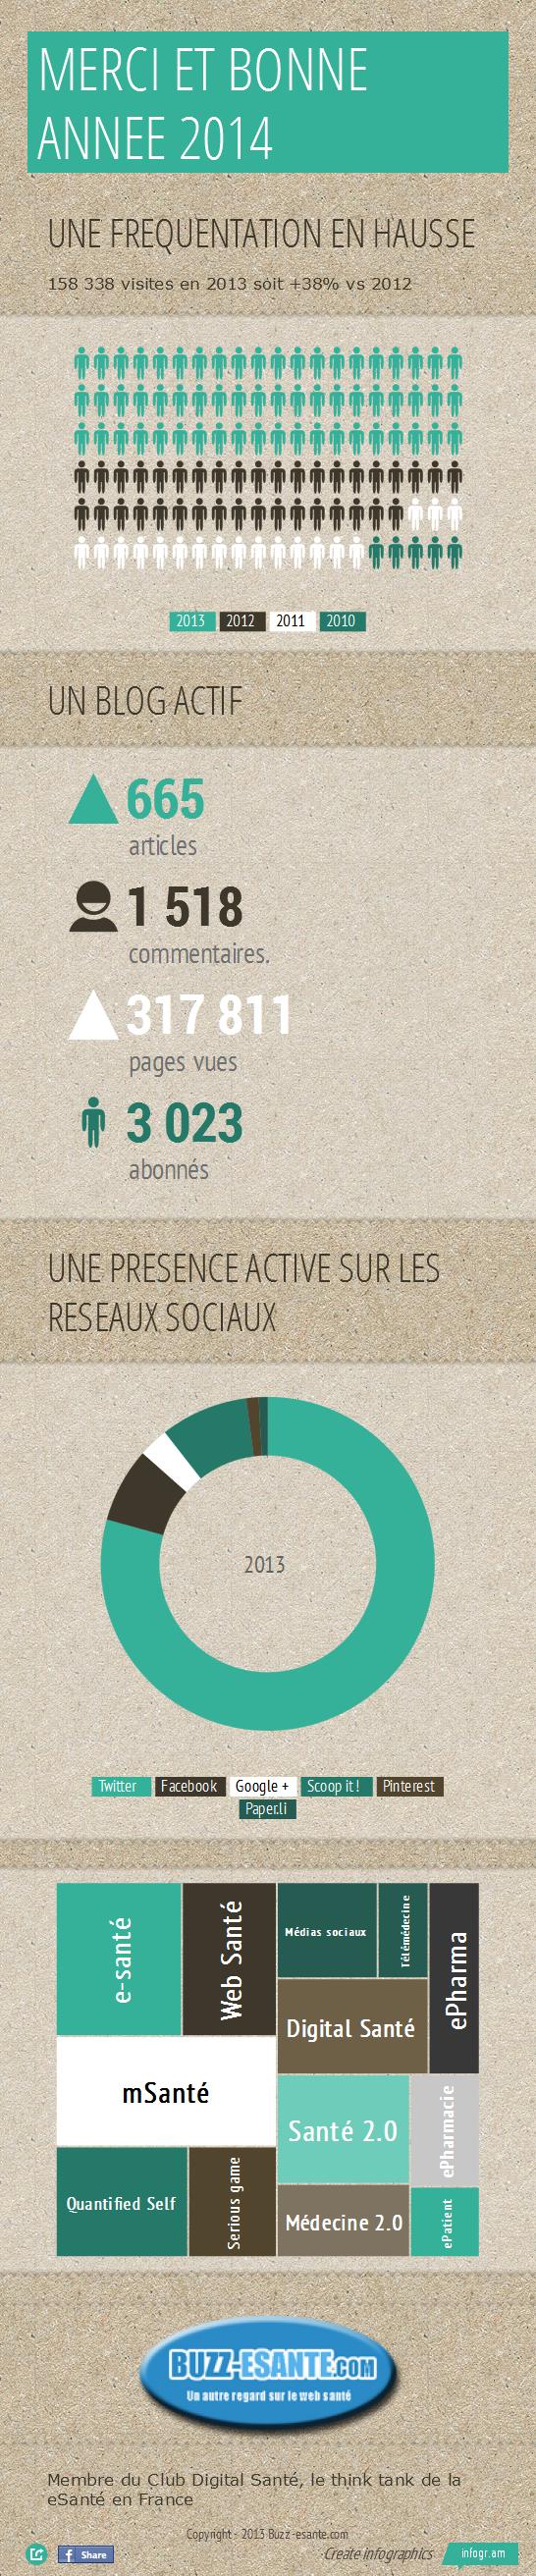 infographie-buzzesante-2014